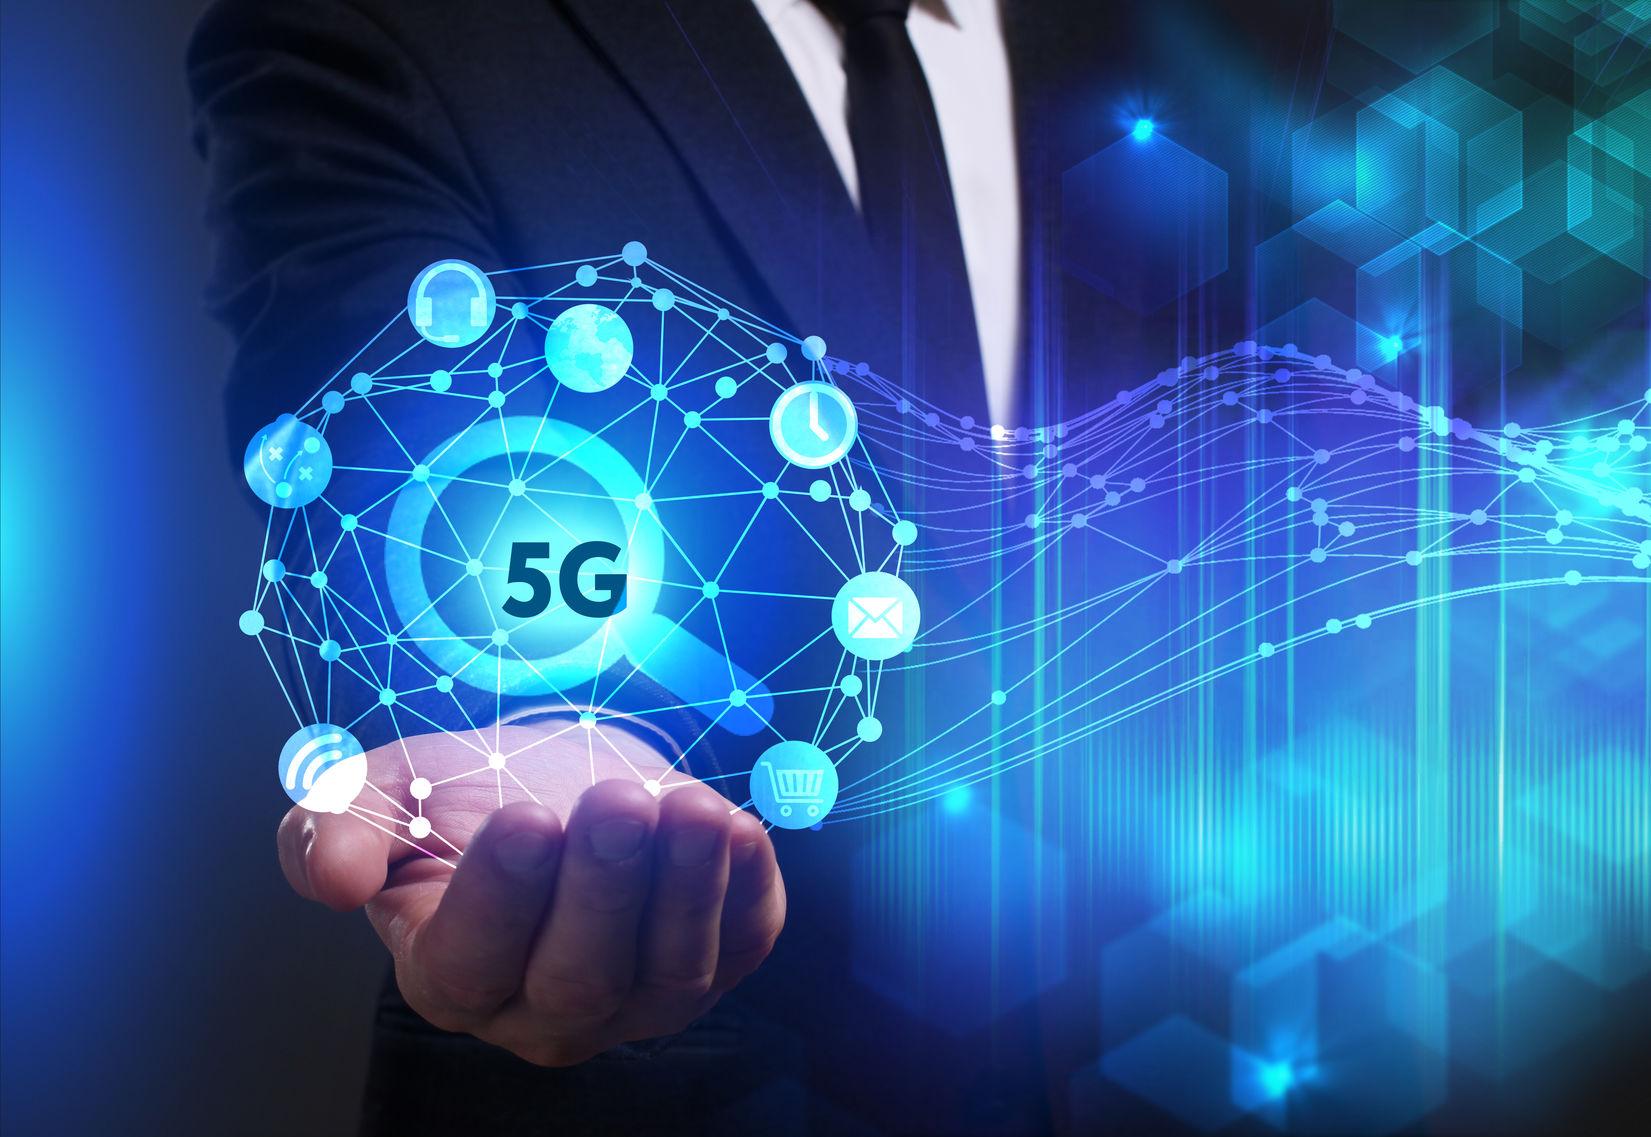 商用序幕开启 全球5G主设备商将受益